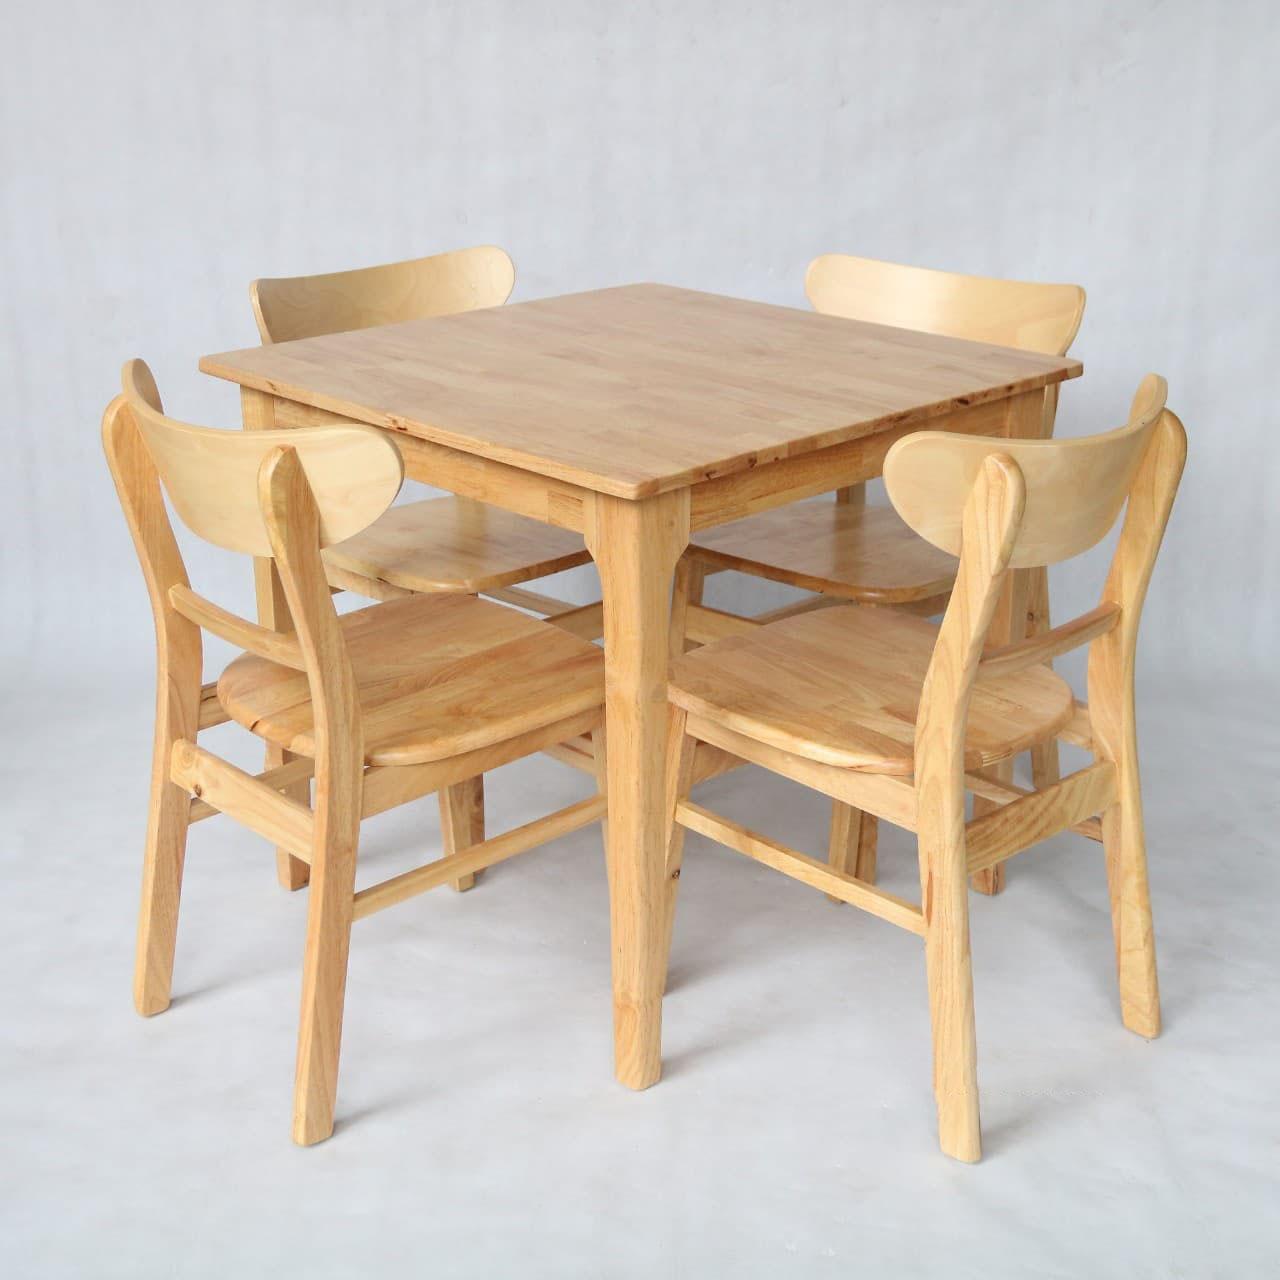 Thông tin bộ bàn ăn Mango gỗ tự nhiên: